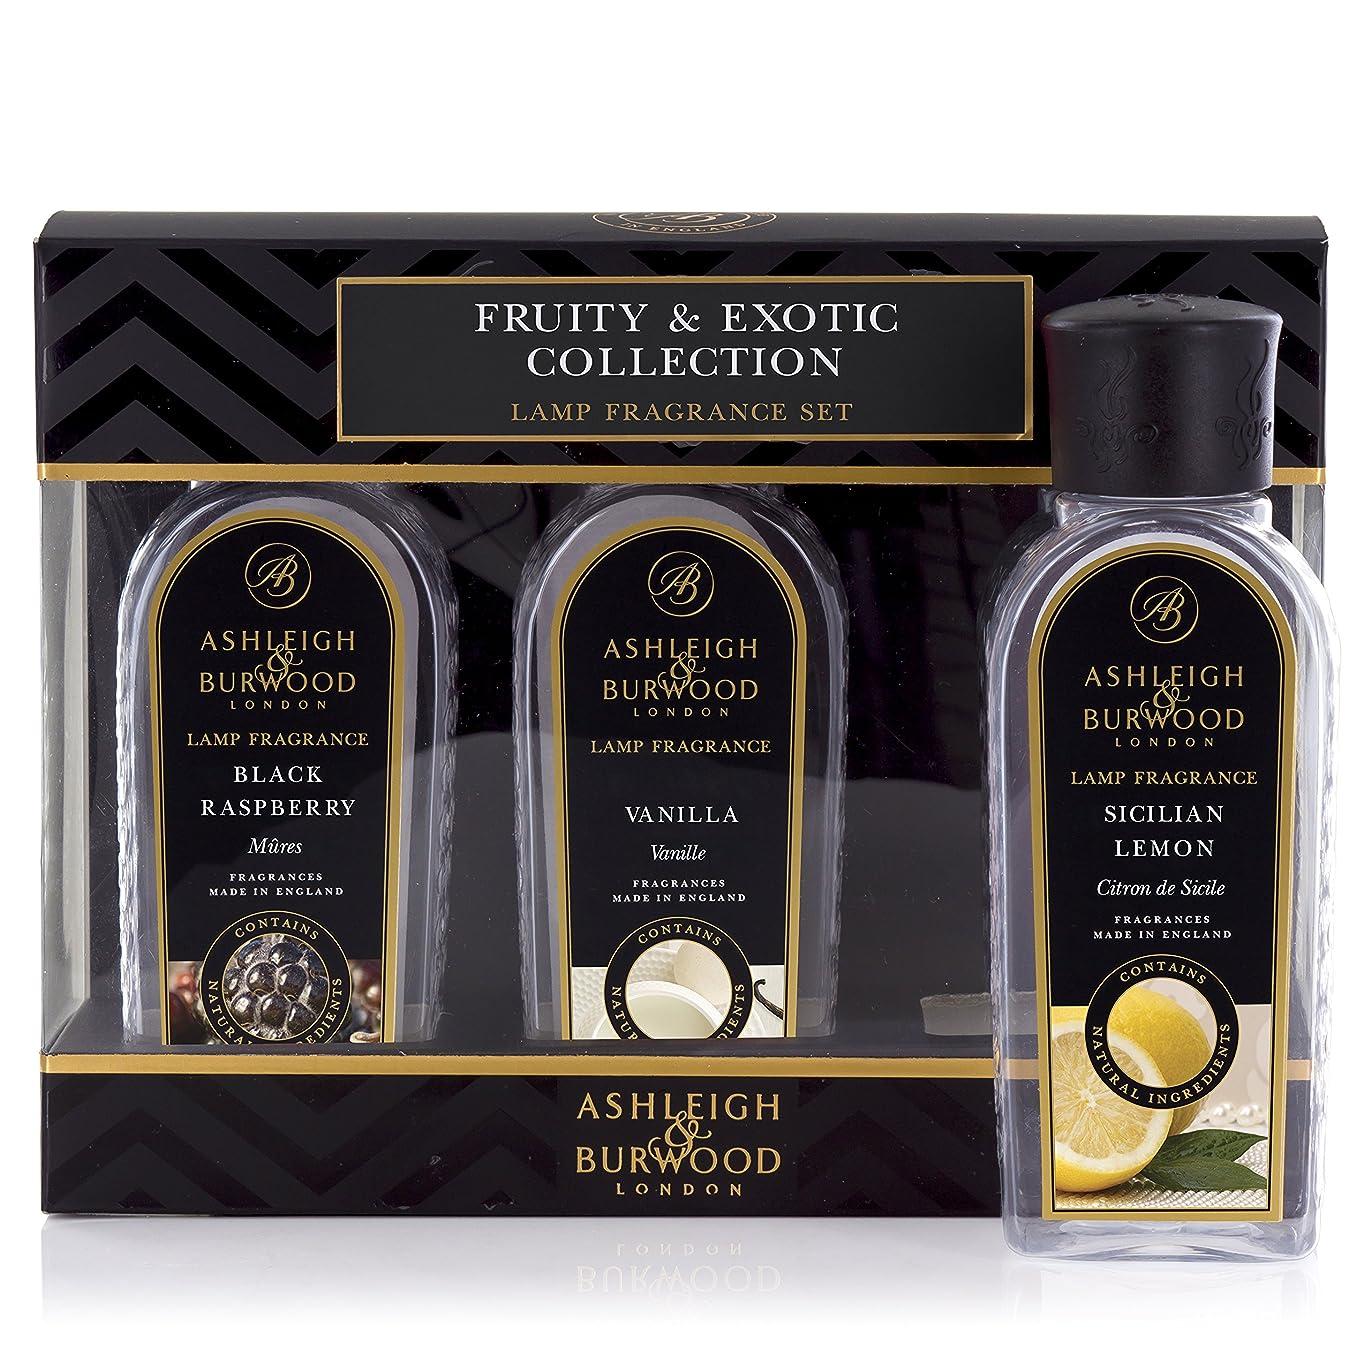 先入観エントリ教育するAshleigh&Burwood ランプフレグランス フルーティー&エキゾチック3本セット Lamp Fragrances Fruity&Exotic アシュレイ&バーウッド